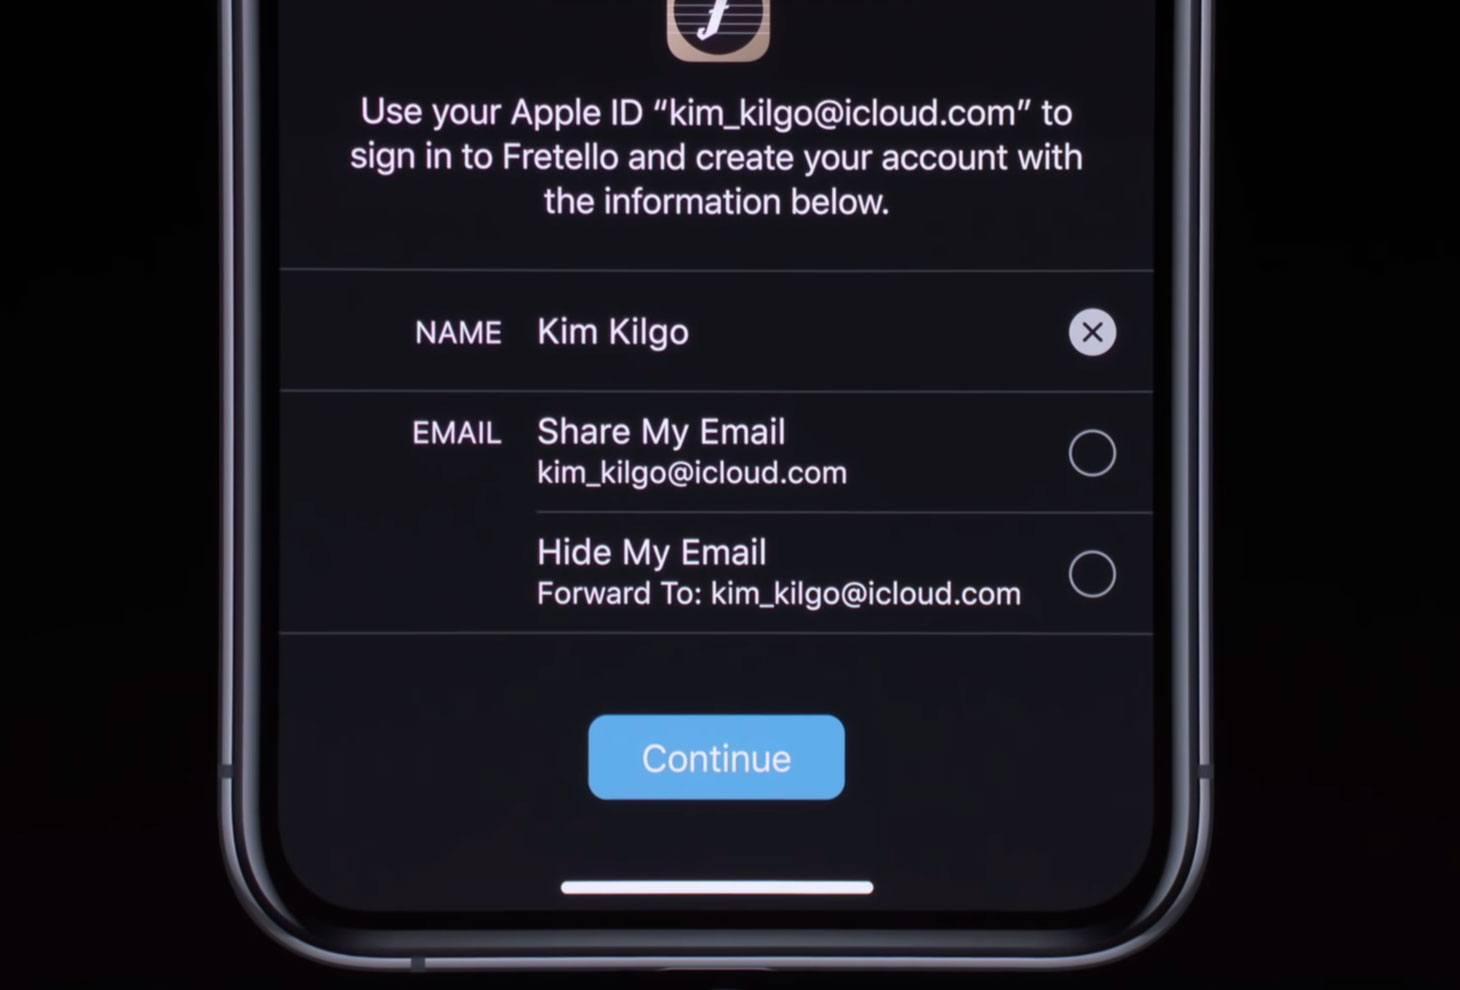 Sign In with Apple: elige el correo que usarás para iniciar sesión, ya sea auténtico o uno generado de forma aleatoria